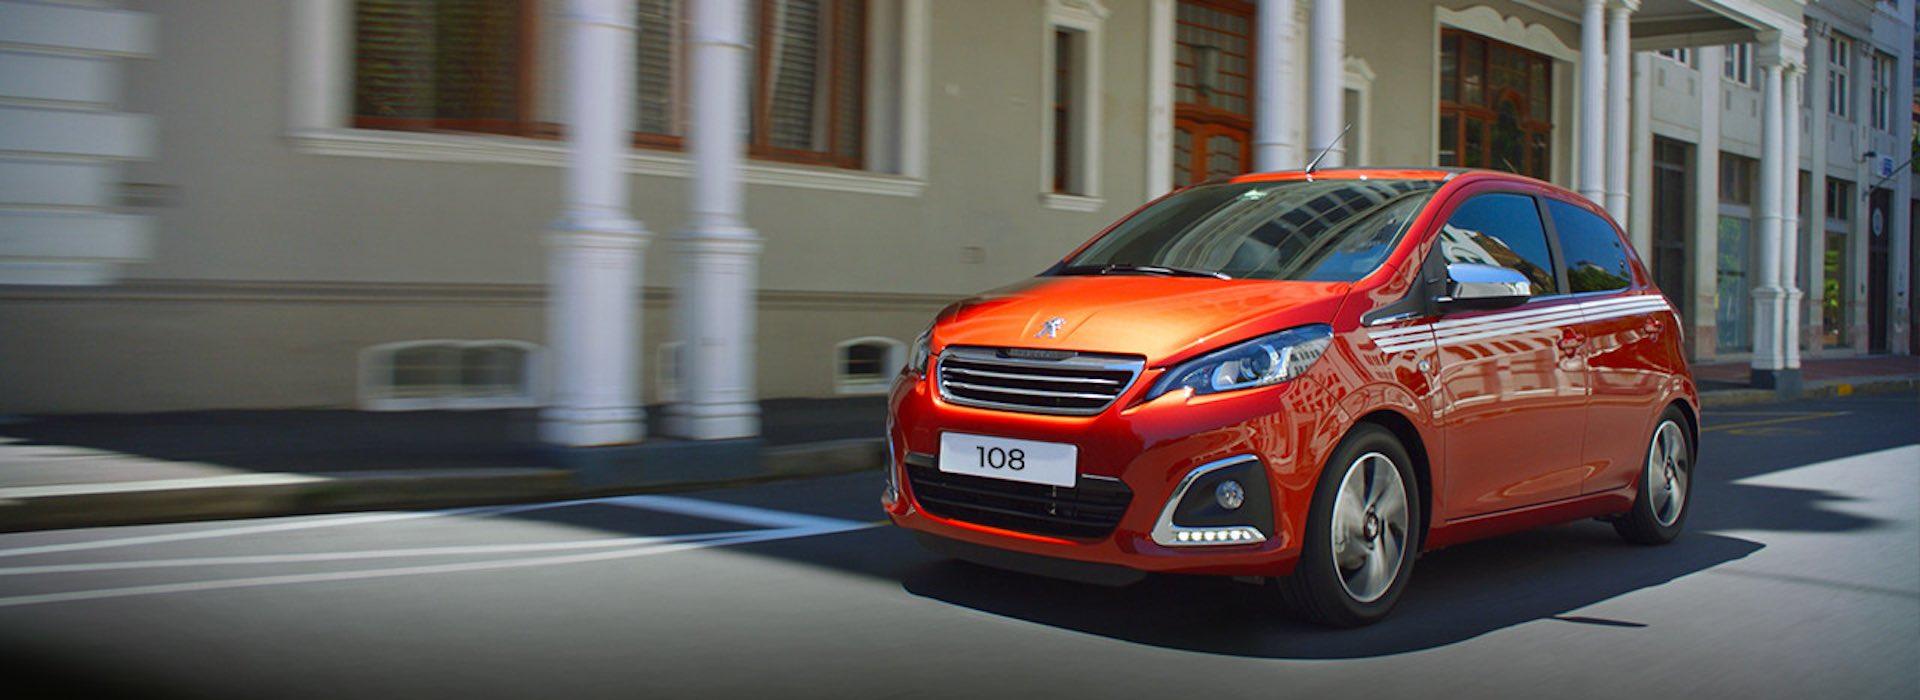 Peugeot 108 in promozione